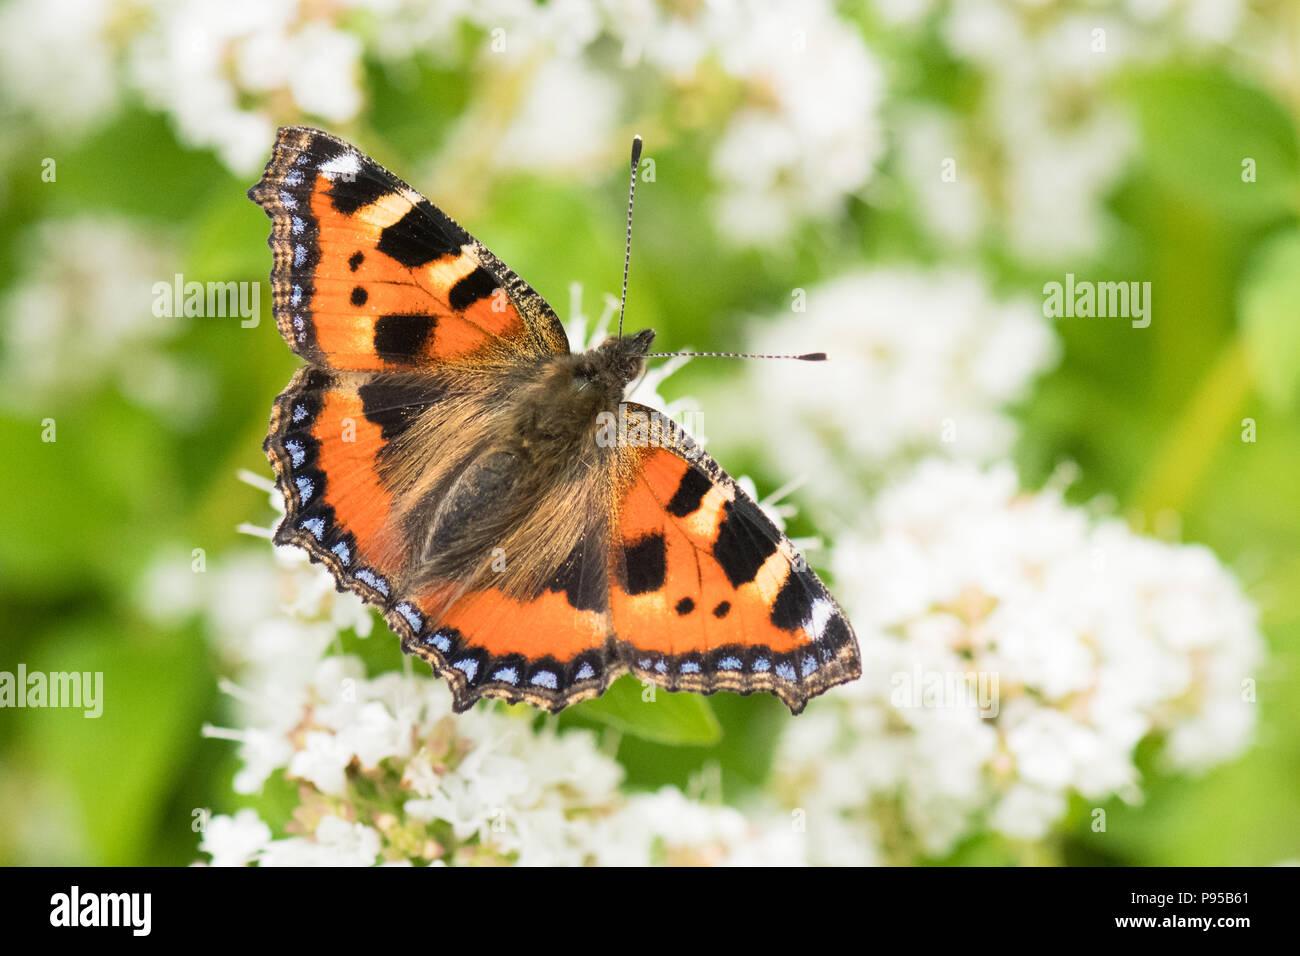 Petit papillon écaille (Aglais urticae) qui se nourrissent de plantes en fleurs de marjolaine blanc uk garden Photo Stock